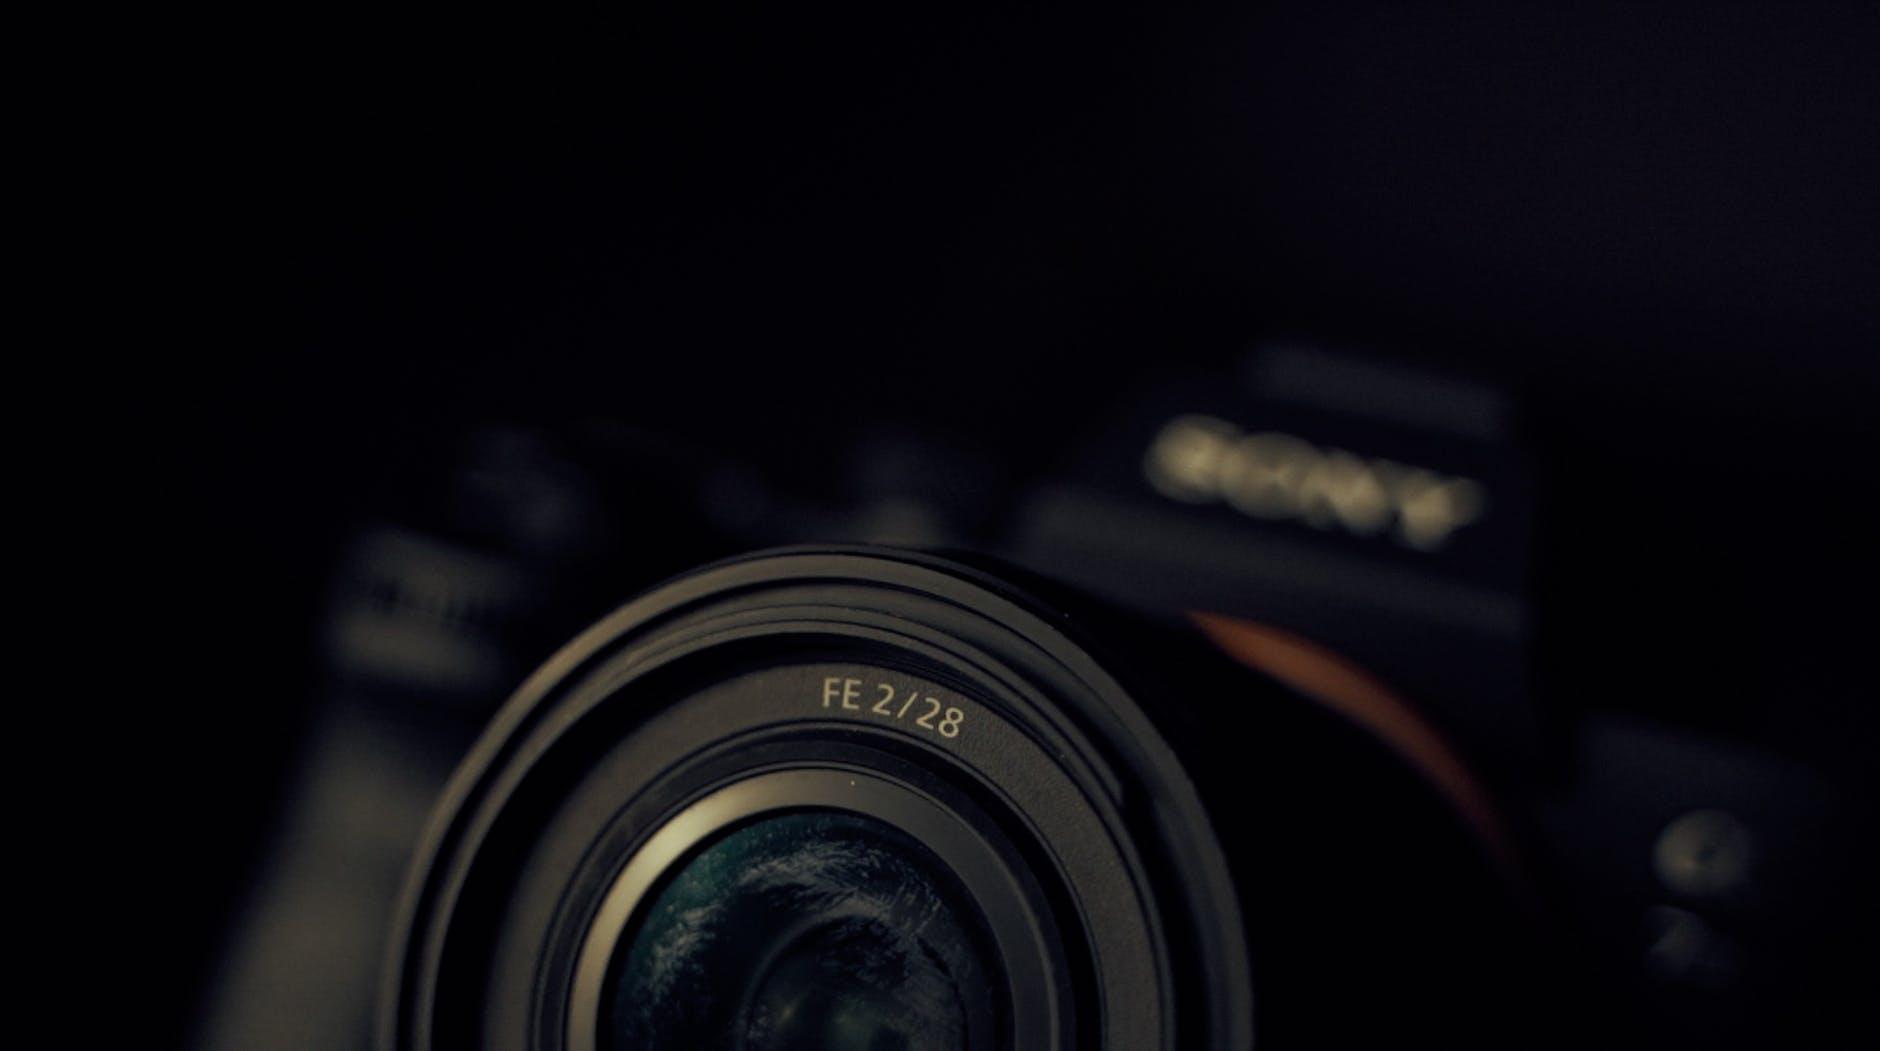 modern photo camera lens in studio